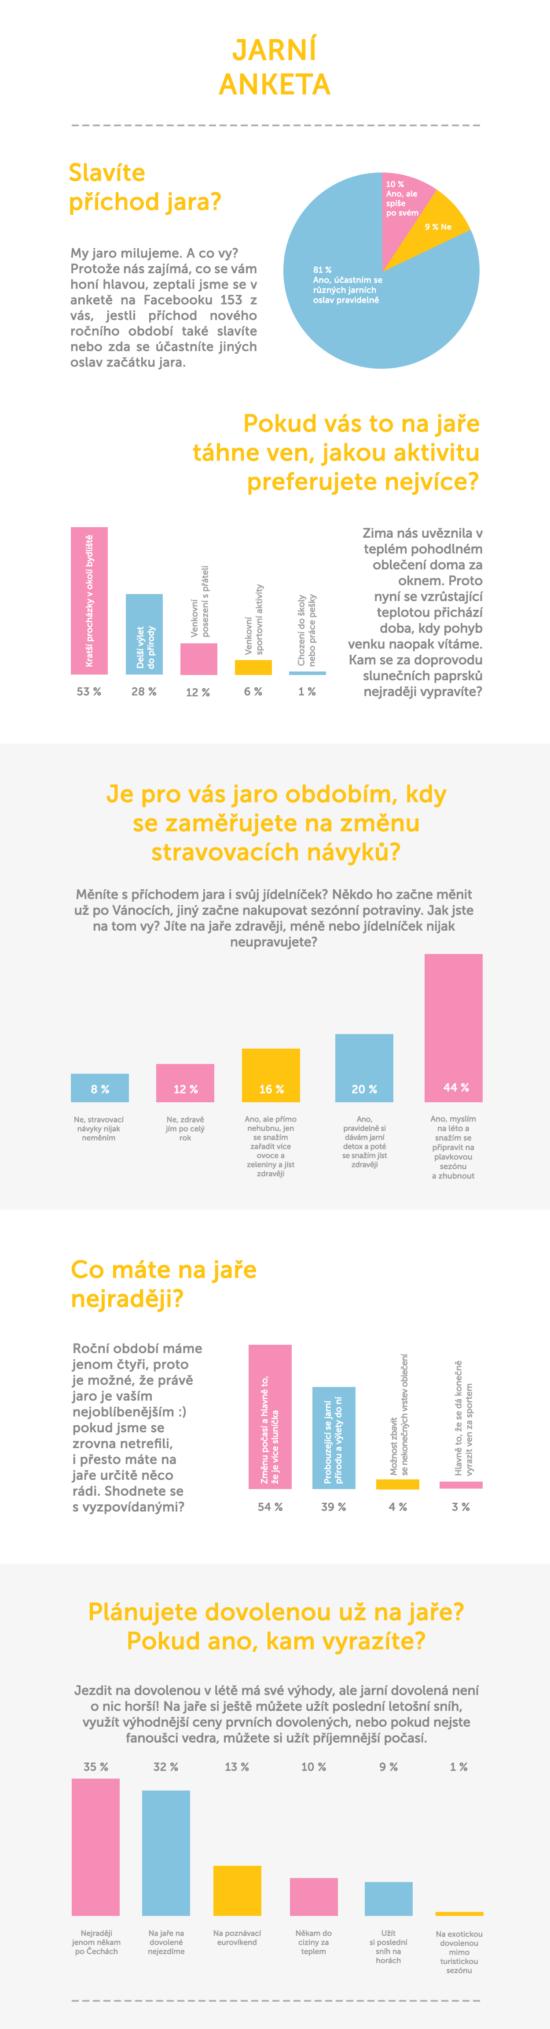 Češky a příchod jara – Infografika